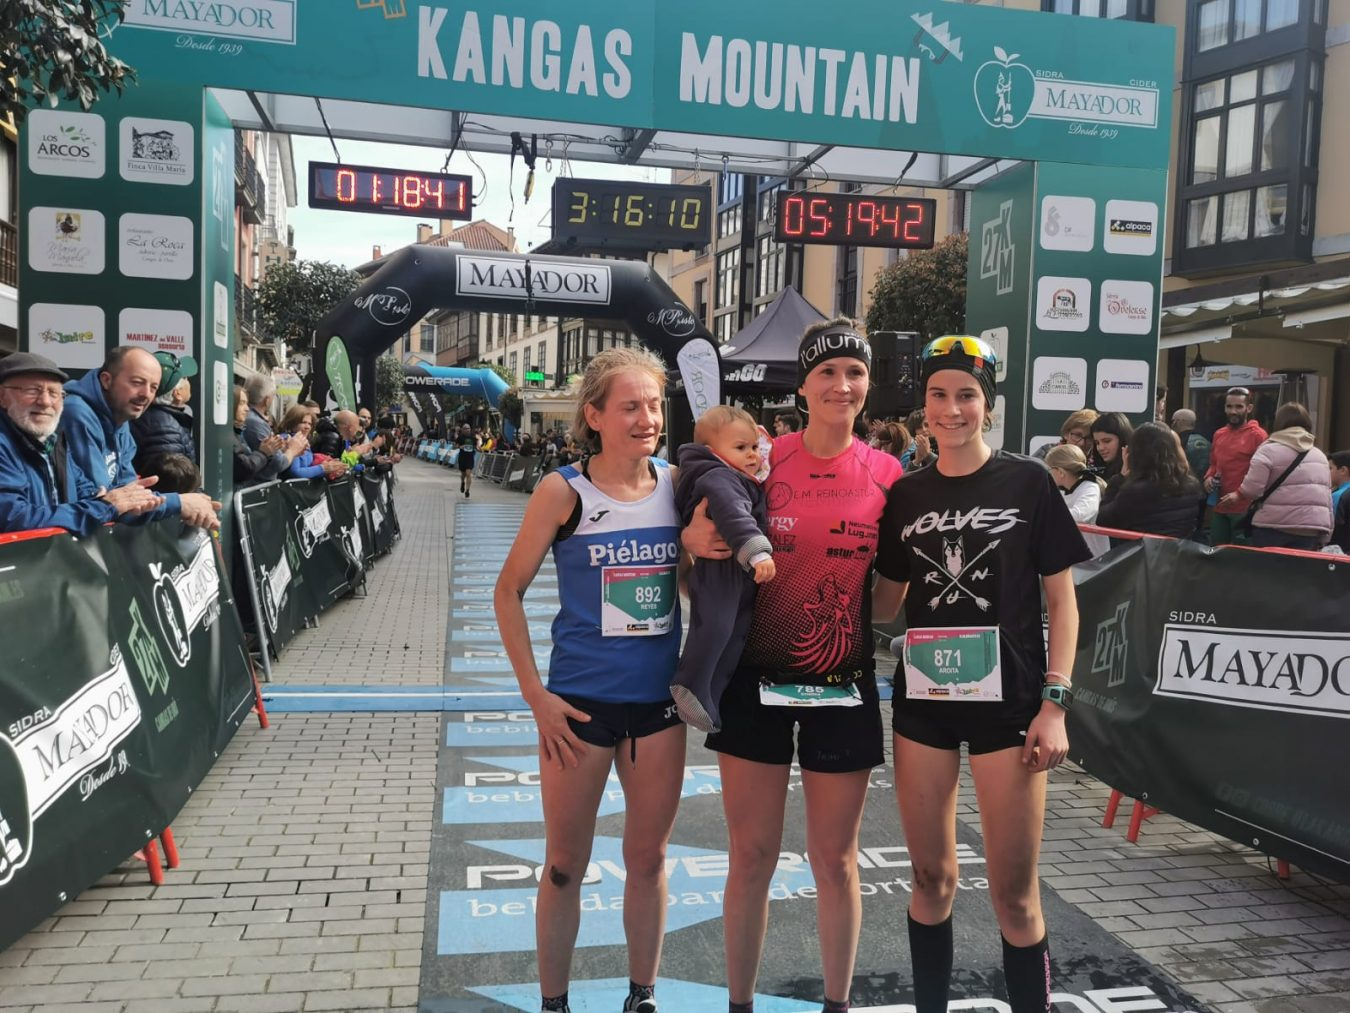 Juanjo Soamoano y Marta Escudero entre los ganadores de la Kangas Mountain 2020